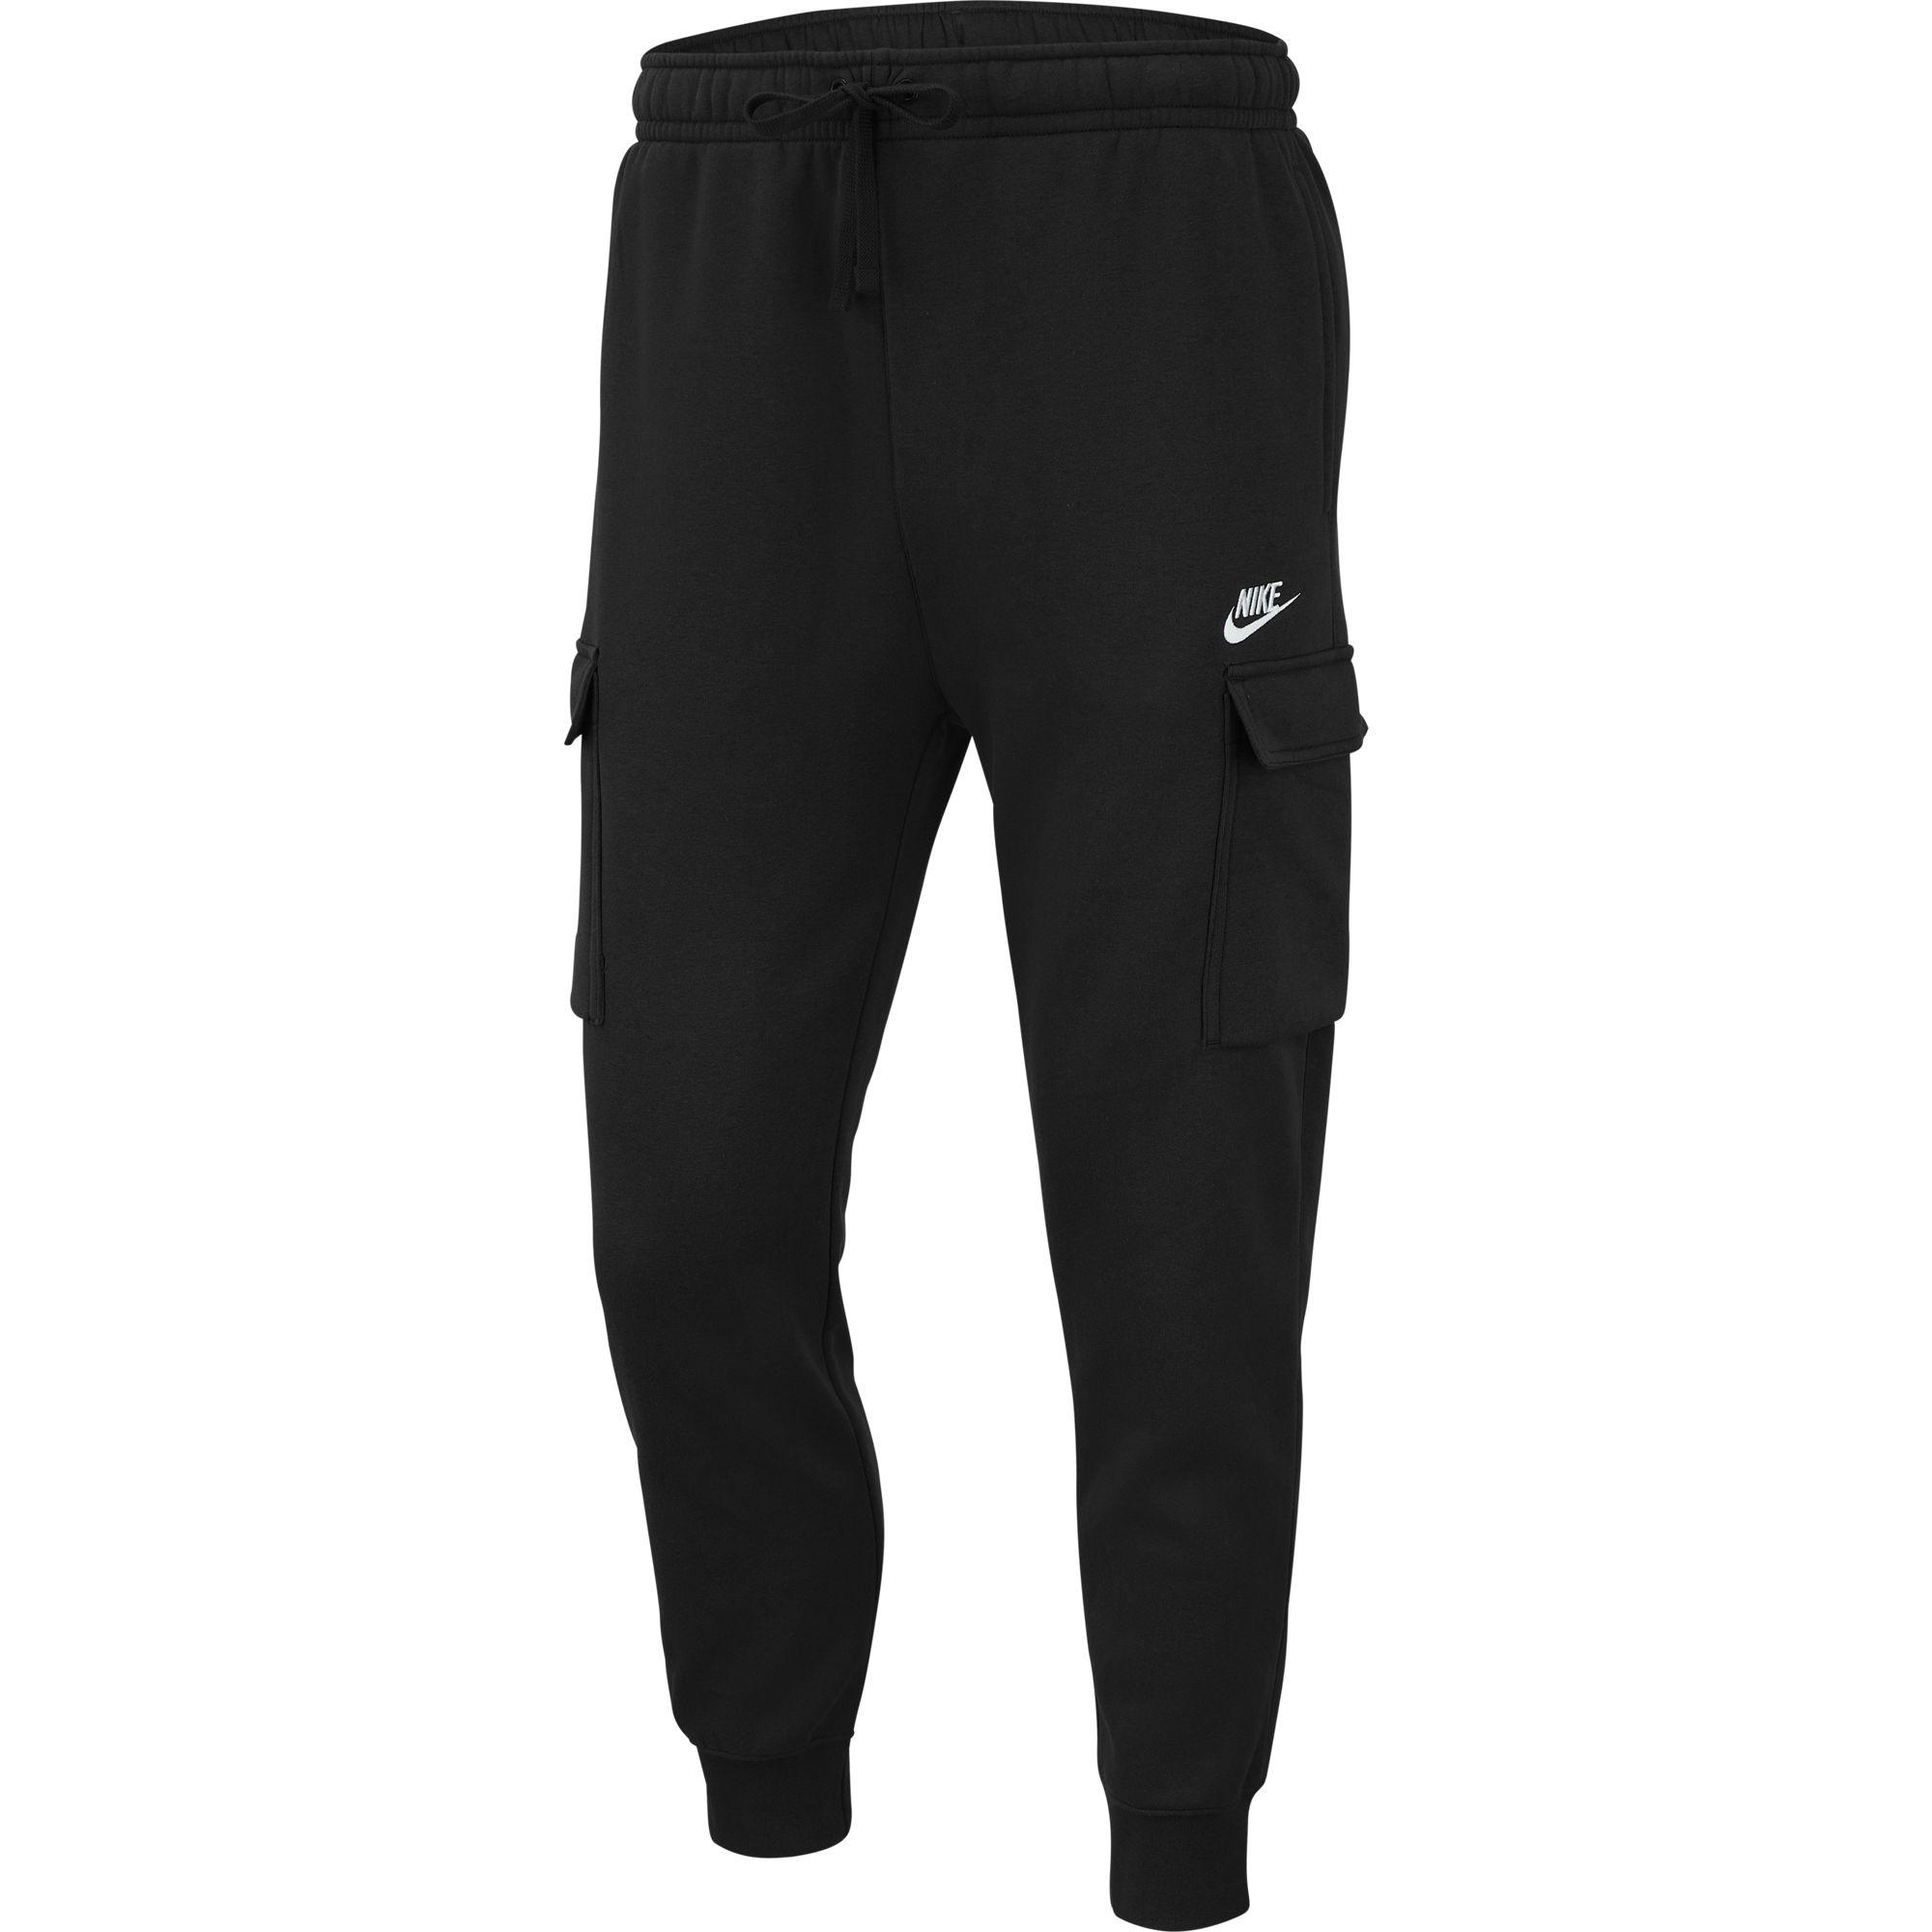 Men's Sportswear Club Fleece Cargo Pant, Black, swatch